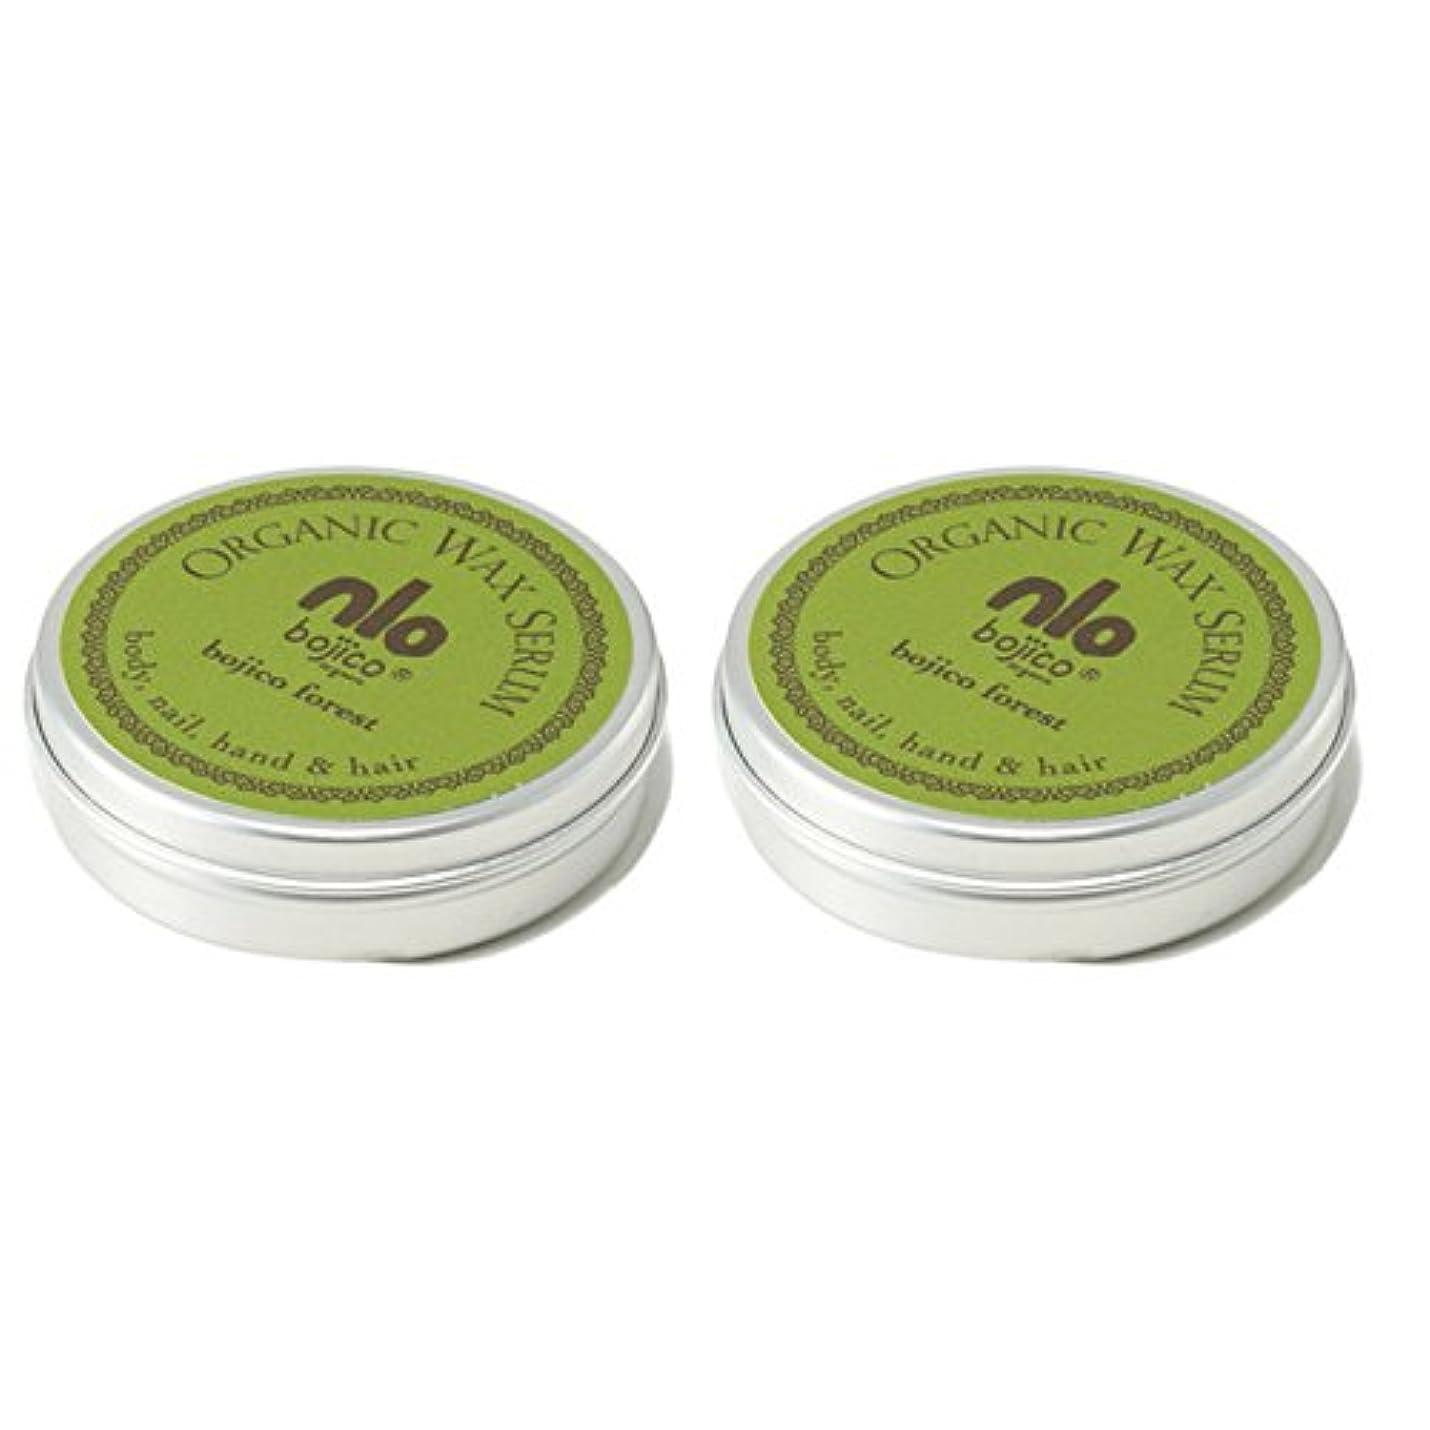 収束動かす減らす【40g×2個セット】 ボジコ オーガニック ワックス セラム <フォレスト> bojico Organic Wax Serum 40g×2